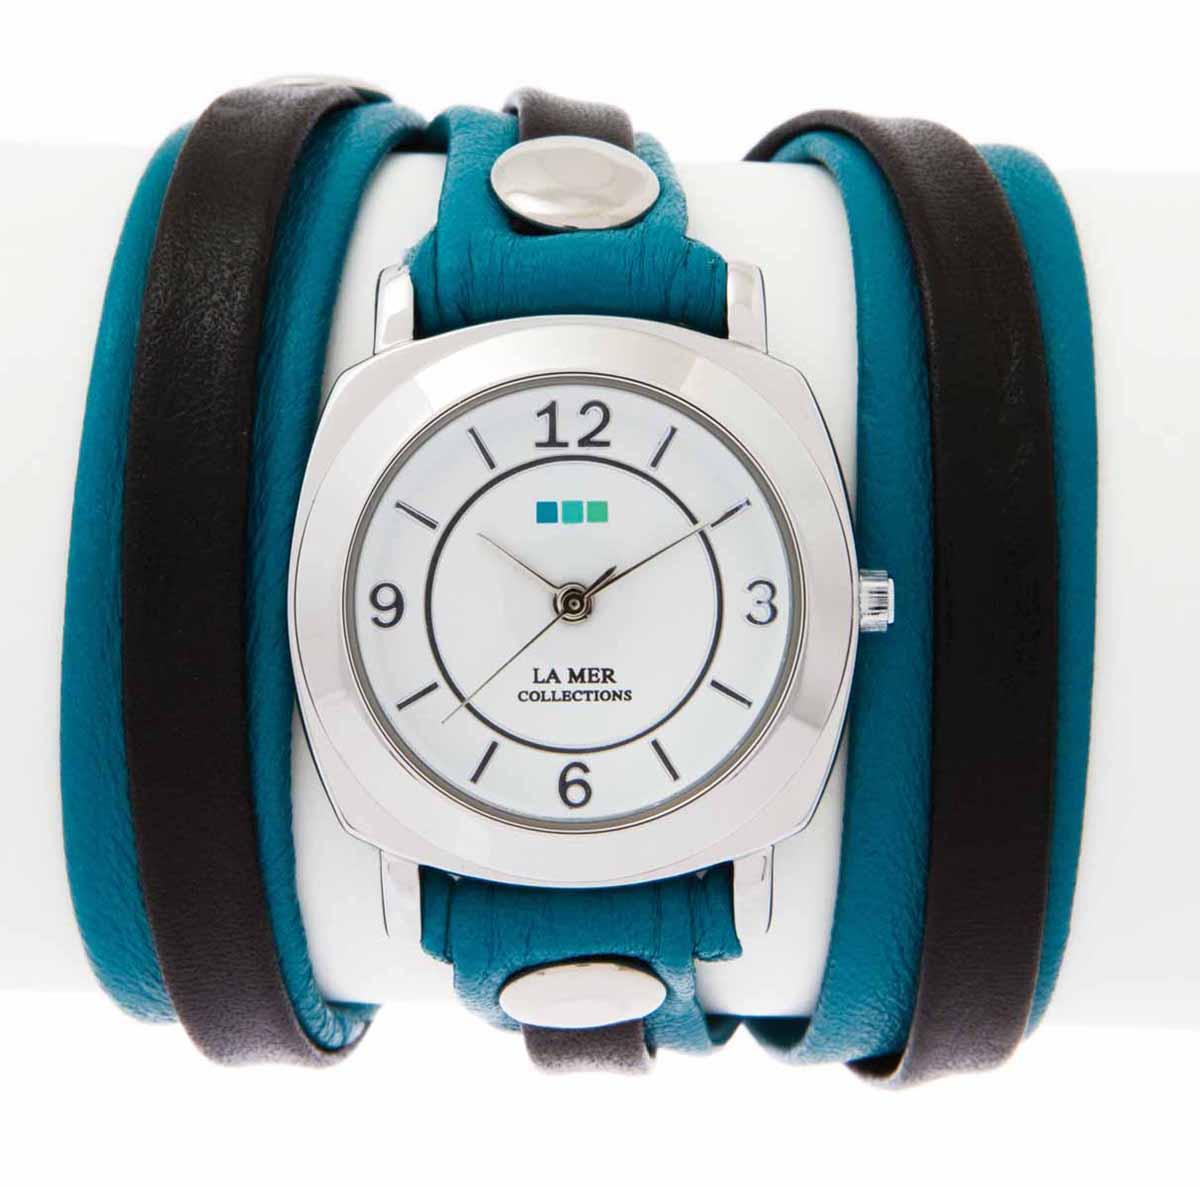 Часы наручные женские La Mer Collections Layer Odyssey Aqua Blackd. LMODYLY004LMODYLY004Часы оснащены японским кварцевым механизмом. Корпус круглой формы выполнен из нержавеющей стали серебристого цвета. Оригинальный кожаный ремешок черного и зеленого цветов отделан металлическими клепками. Каждая модель женских наручных часов La Mer Collections имеет эксклюзивный дизайн, в основу которого положено необычное сочетание классических циферблатов с удлиненными кожаными ремешками. Оборачиваясь вокруг запястья несколько раз, они образуют эффект кожаного браслета, превращая часы в женственный аксессуар, который великолепно дополнит другие аксессуары и весь образ в целом. Дизайн La Mer Collections отвечает всем последним тенденциям моды и превосходно сочетается с модными сумками, ремнями, обувью и другими элементами гардероба современных девушек. Часы La Mer - это еще и отличный подарок любимой девушке, сестре или подруге на день рождения, восьмое марта или новый год! Характеристики: Механизм: кварцевый SEIKO (Япония). Размер корпуса: 29...